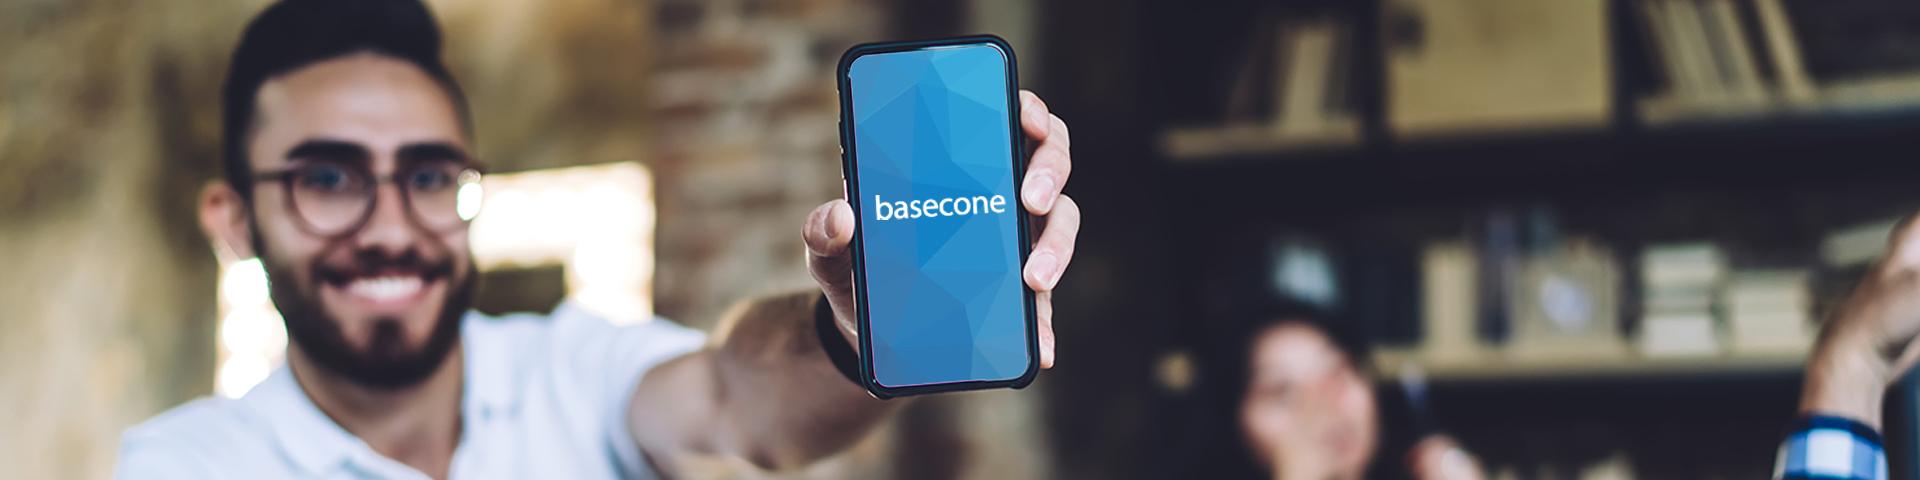 slimme-inzet-van-Basecone-bij-FTF-Finance